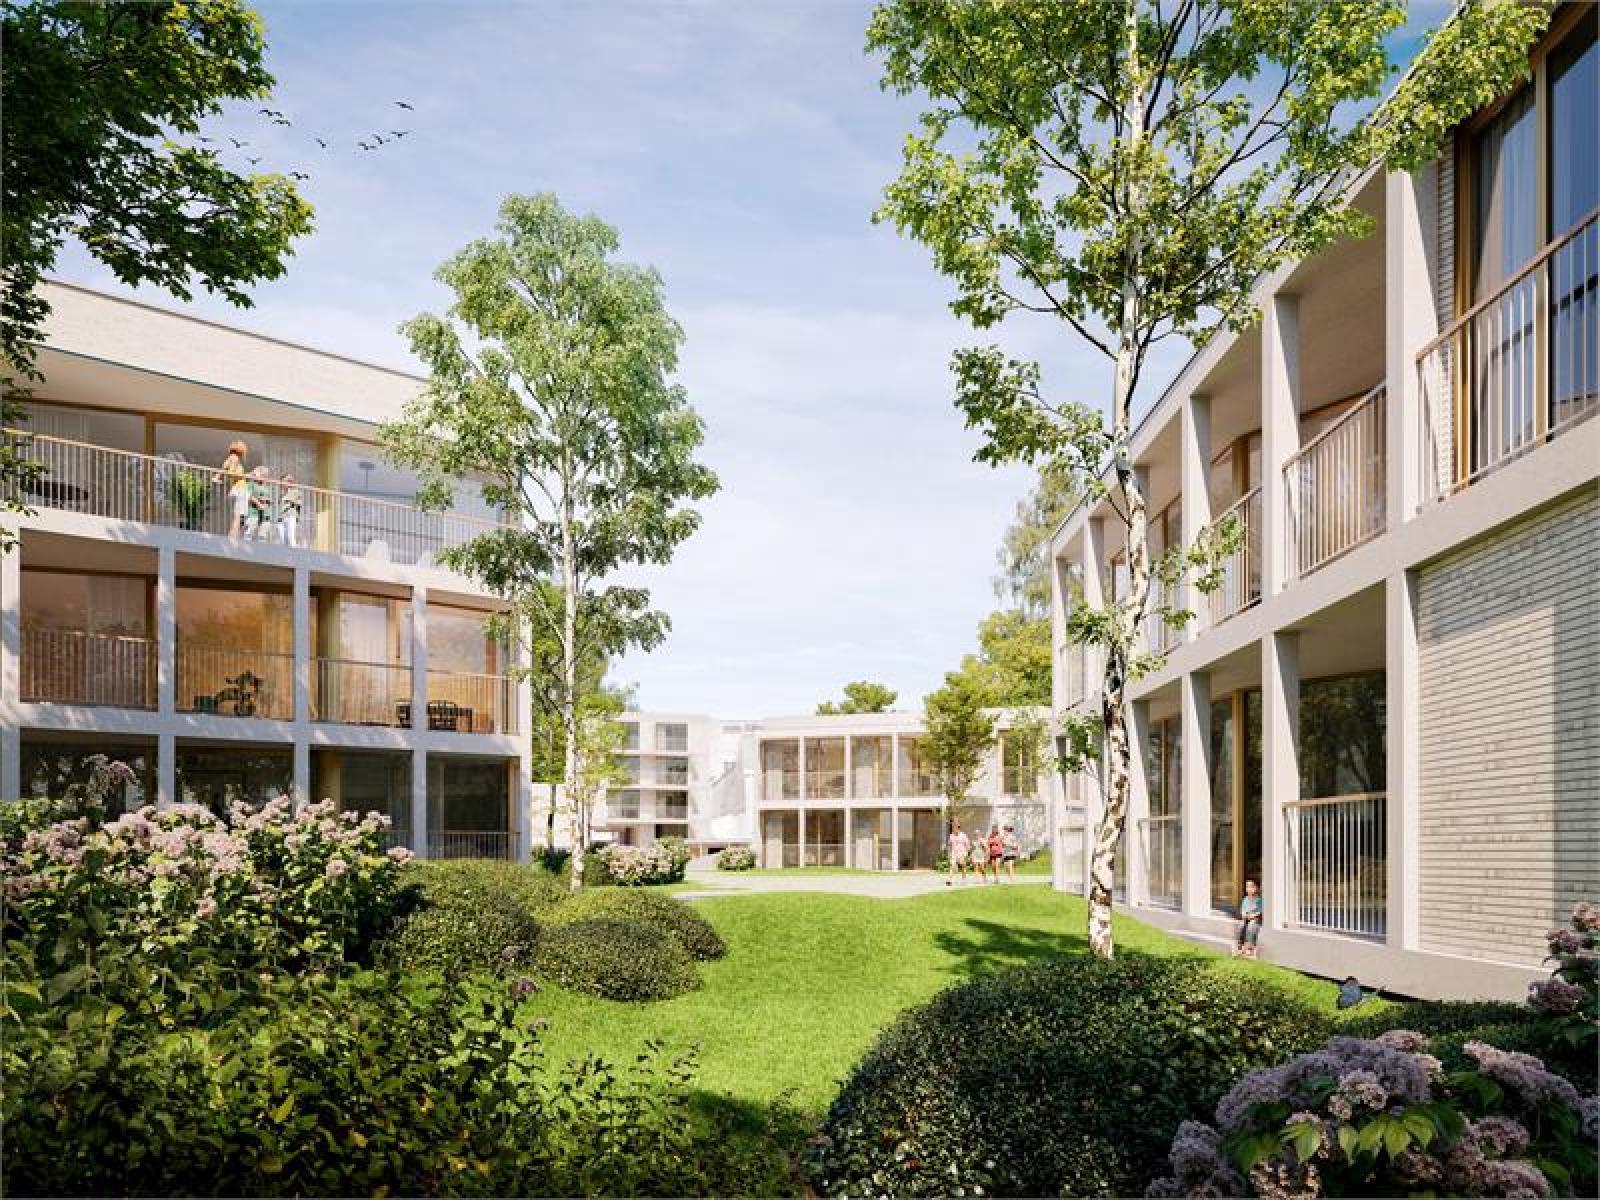 Nieuwbouw BEN-appartement op de gelijkvloers verdieping in prachtig binnengebied! afbeelding 2